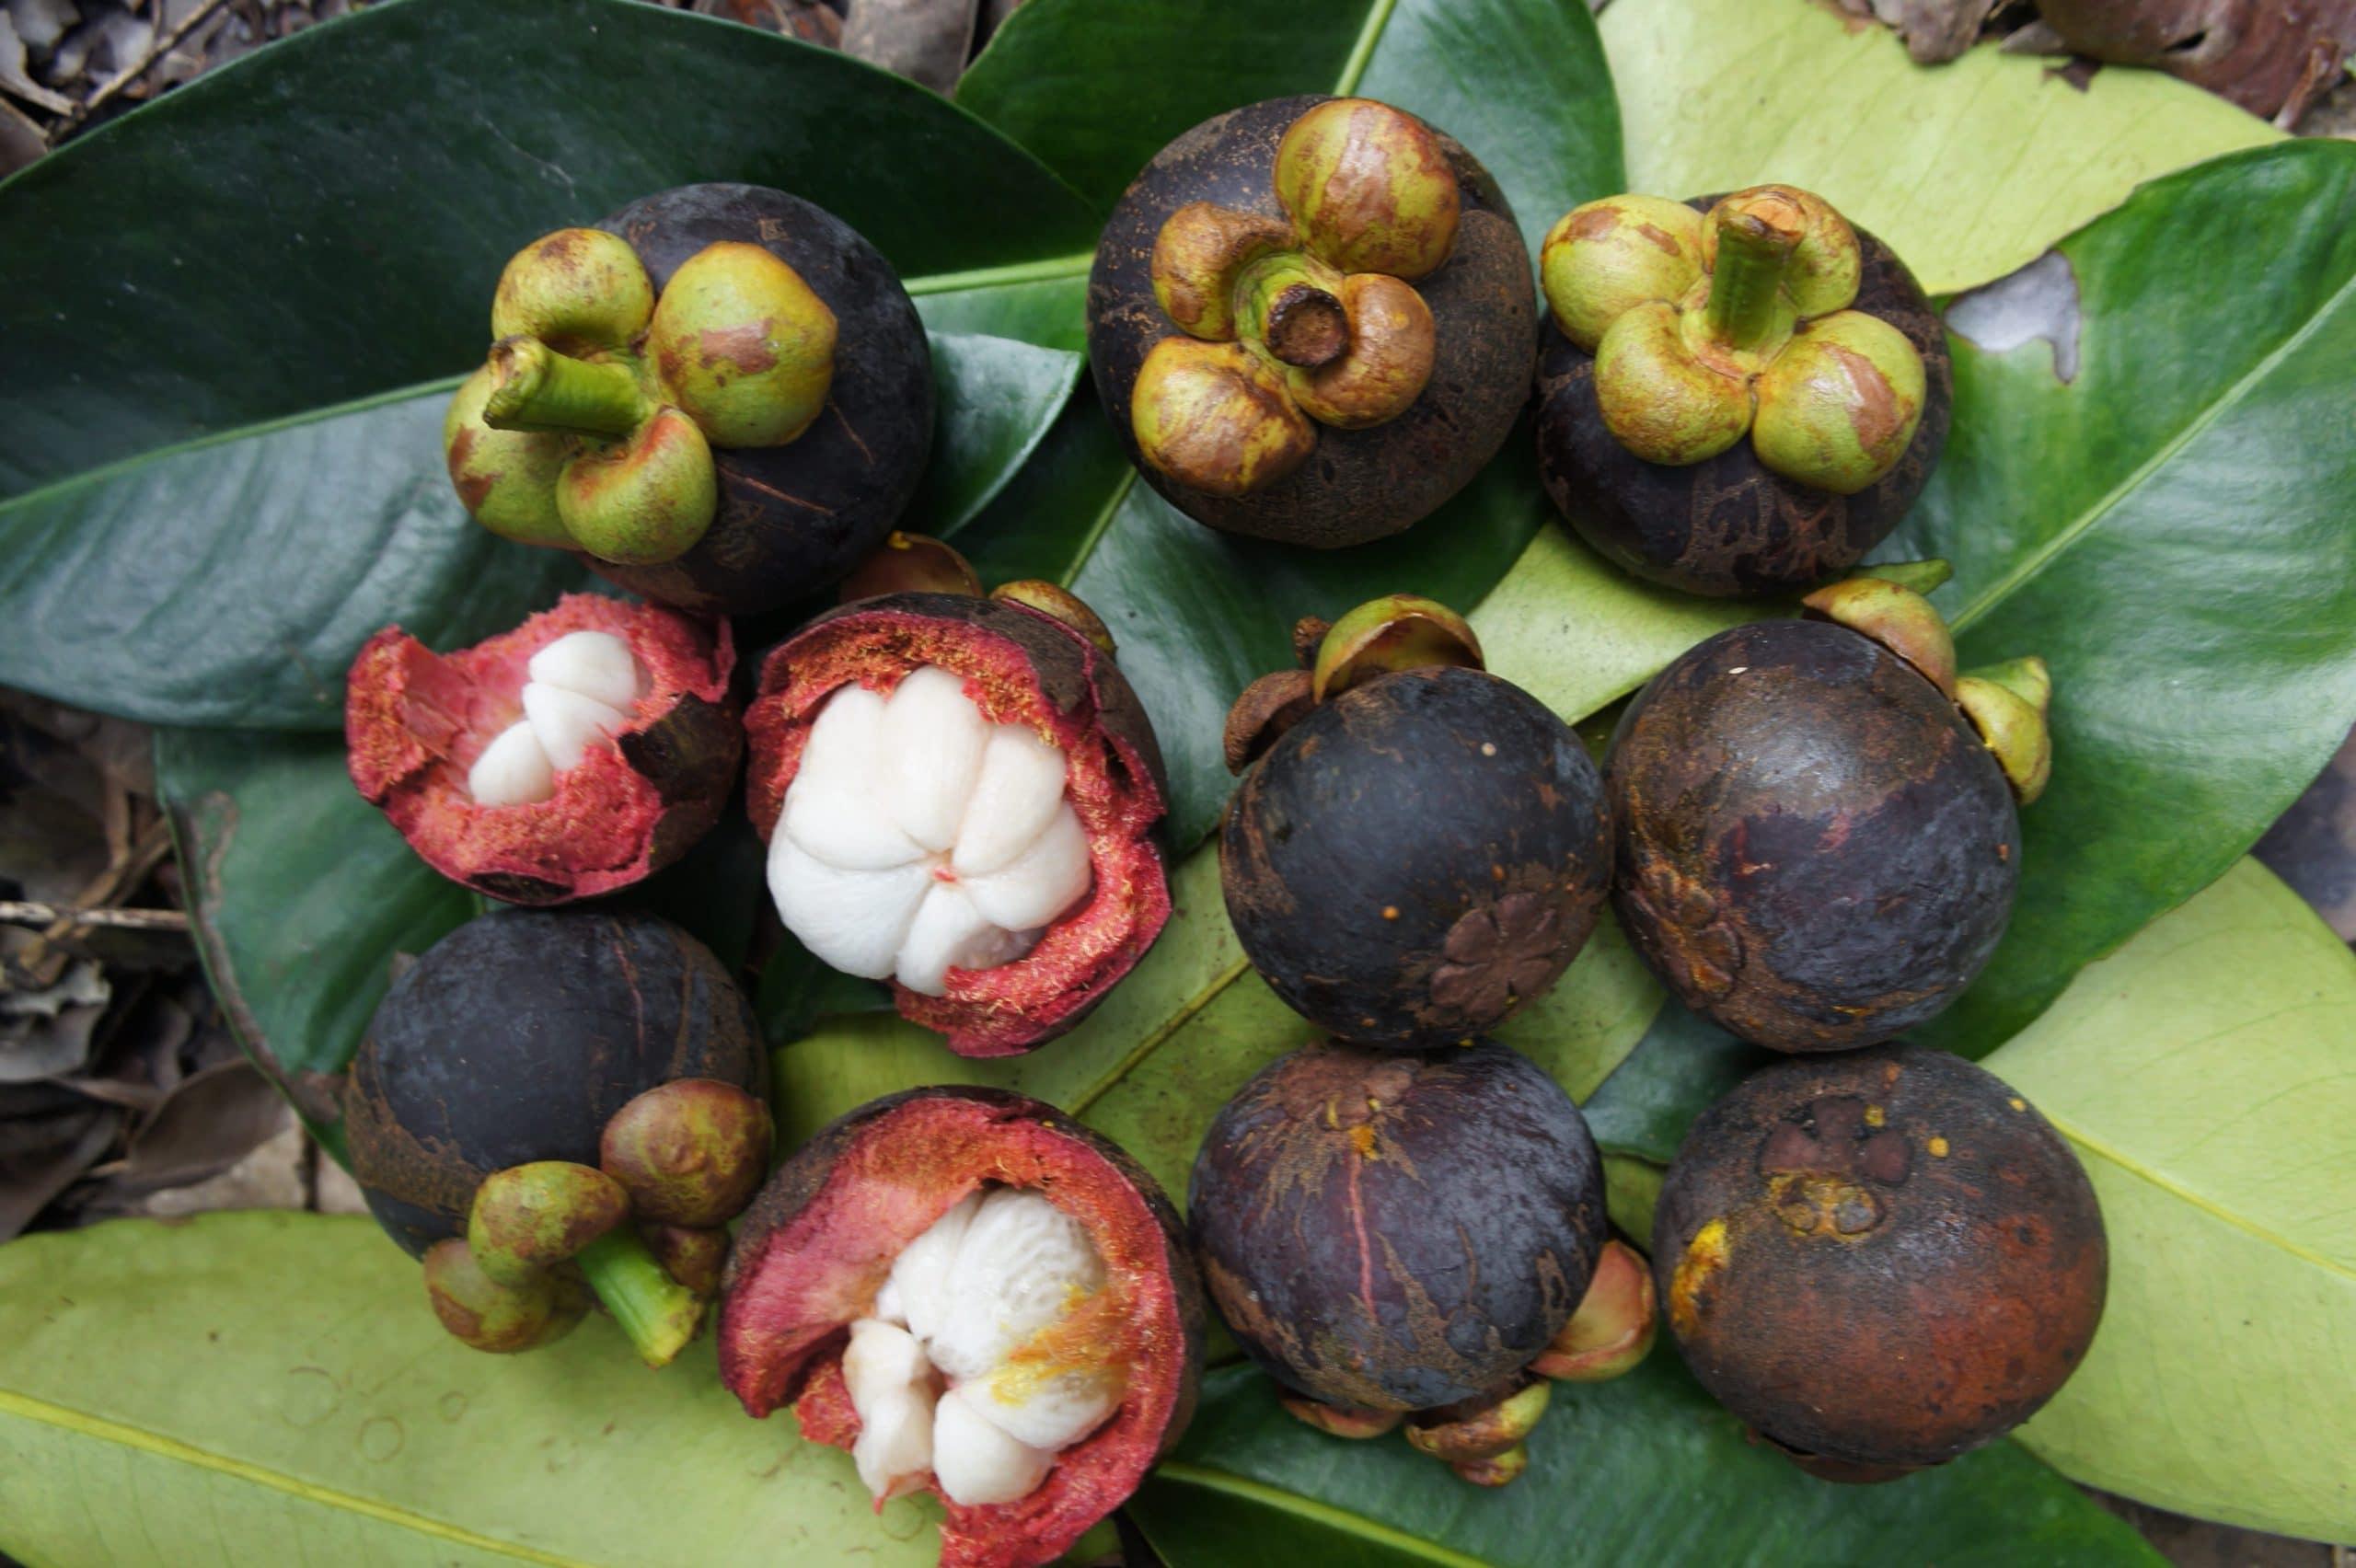 Los frutos del mangostán tienen un sabor dulce delicioso